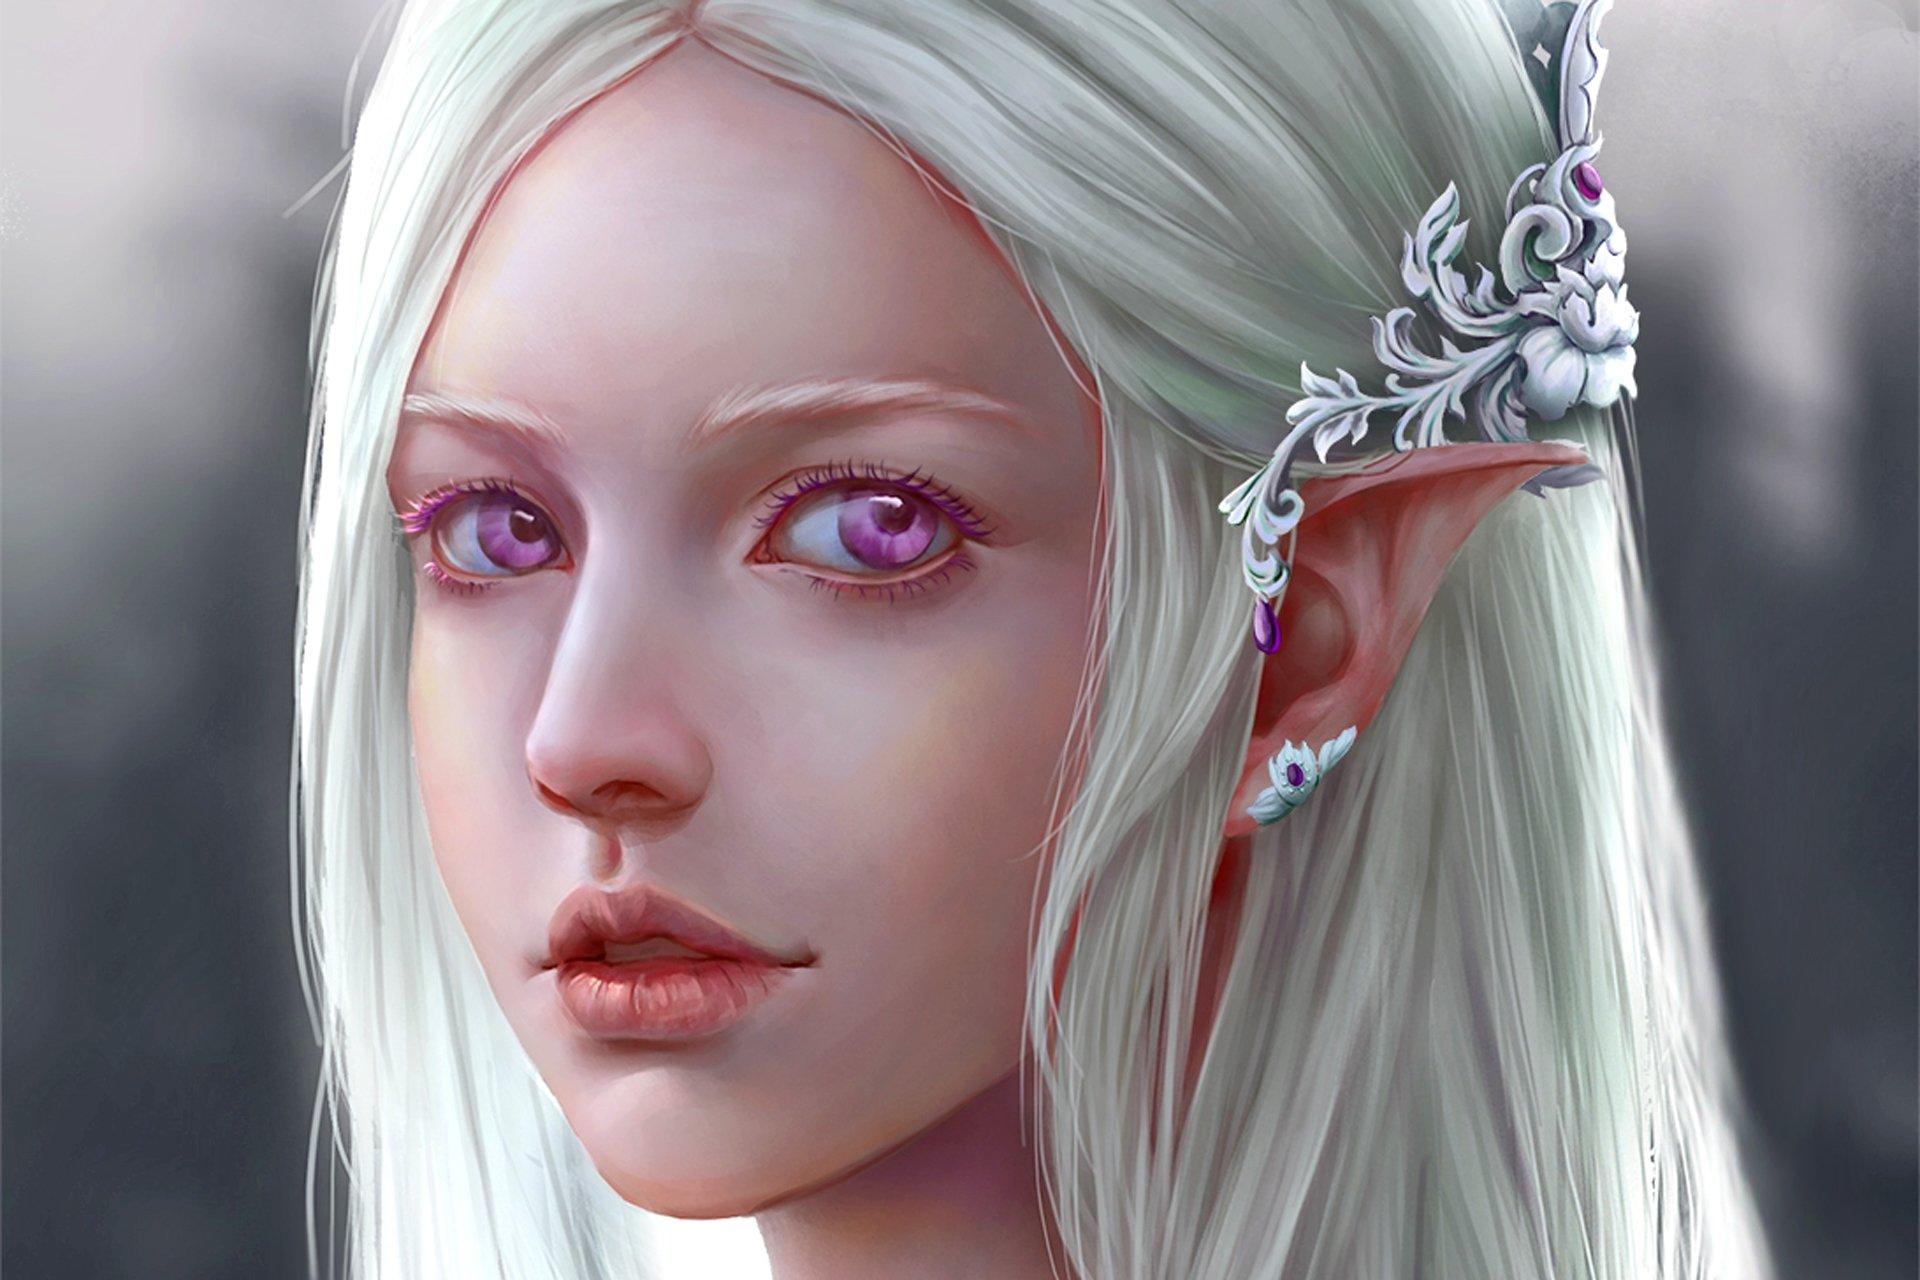 White elf women naked photo